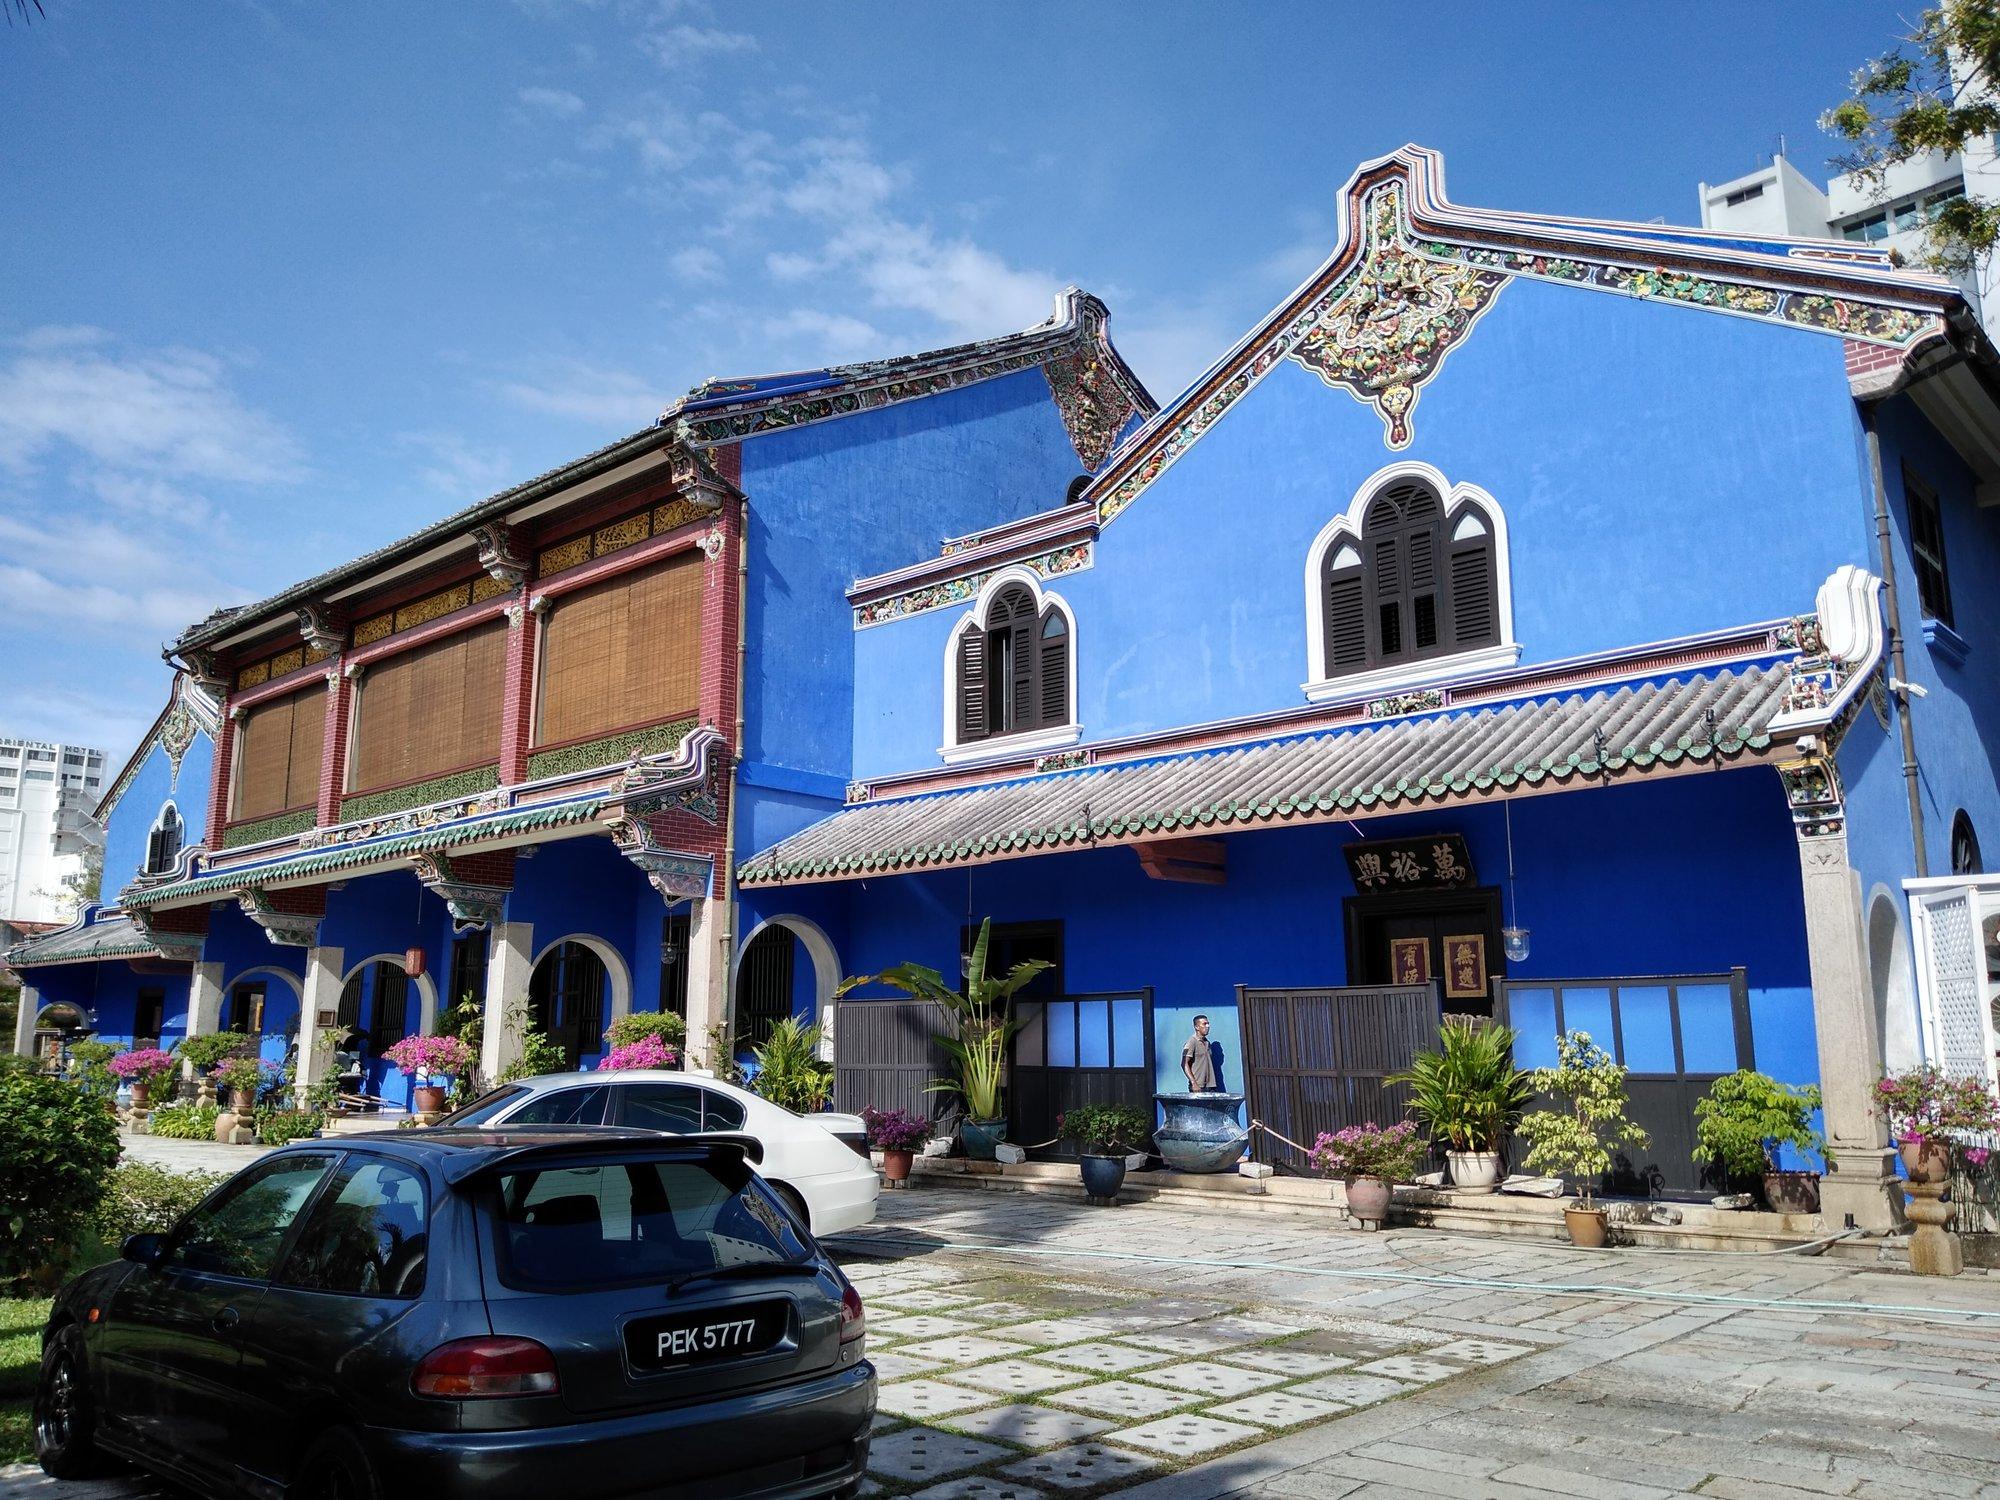 jediné povolené nakouknutí k Cheong Fatt Tze Mansion